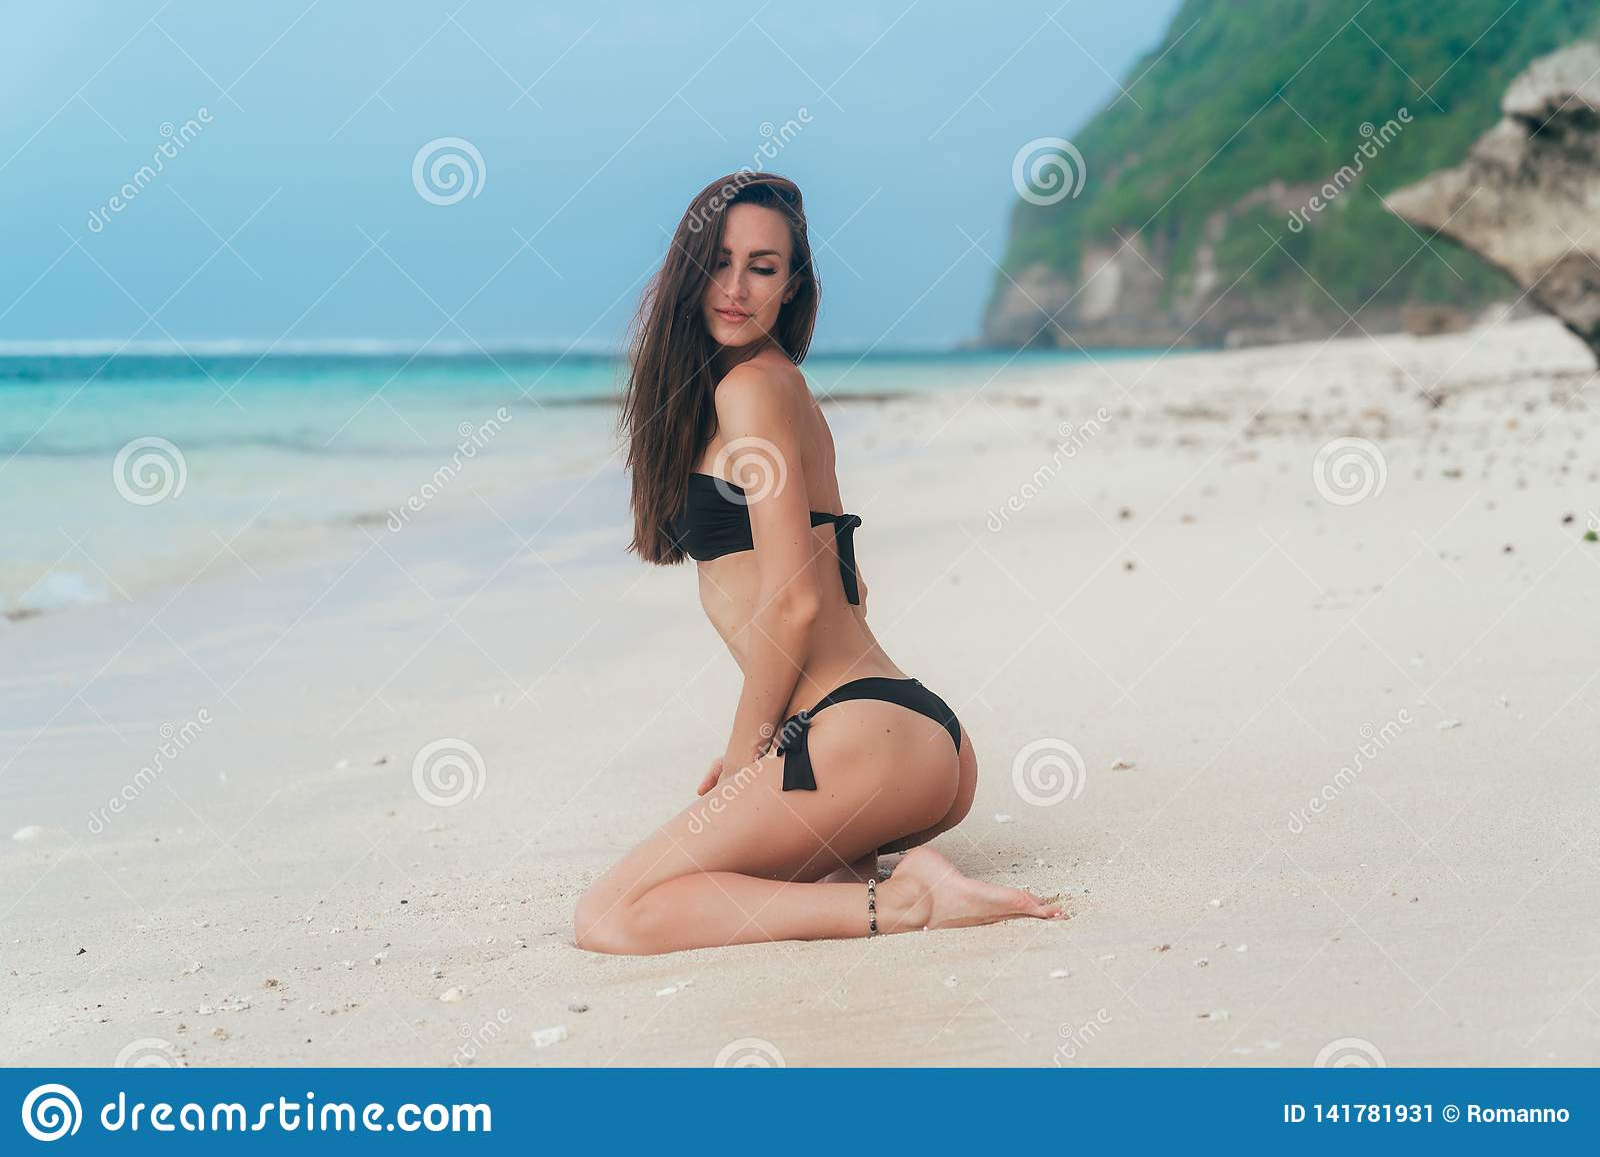 有运动的身体的性感女孩在海滩的黑比基尼泳装姿势与背景的蓝色海洋